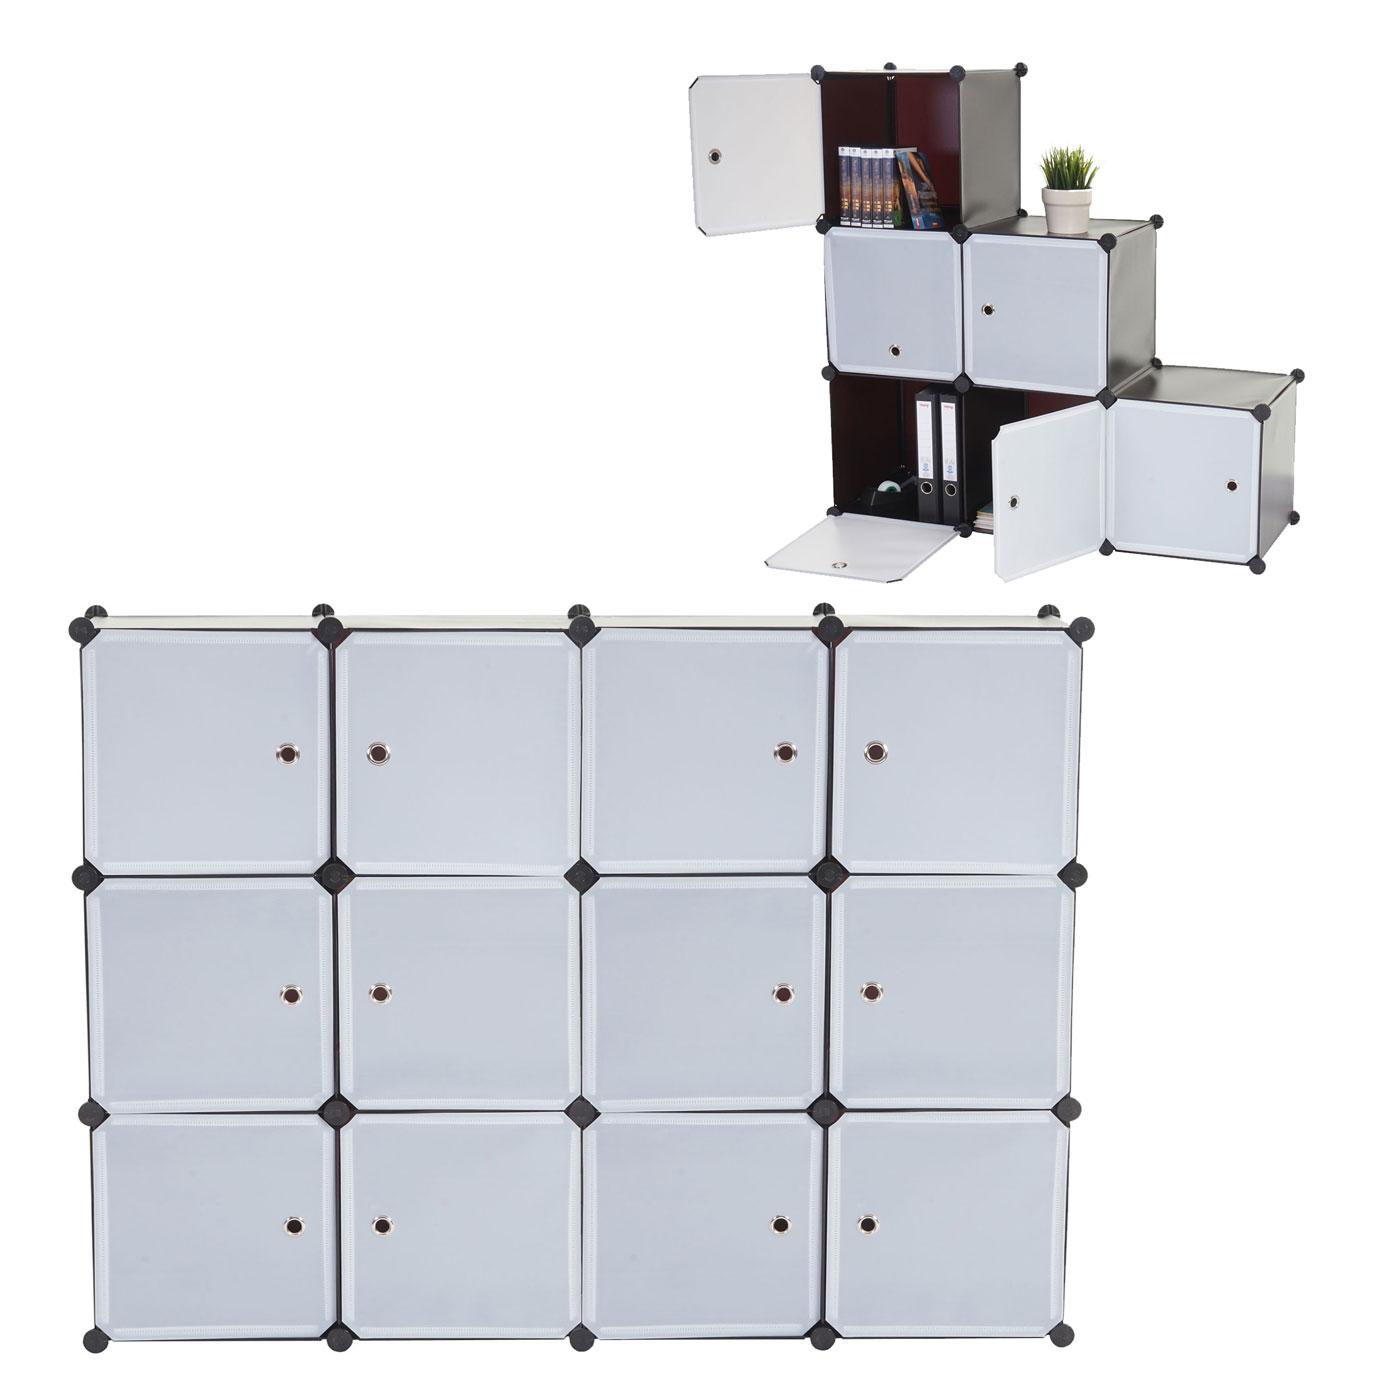 regalsystem sydney t307 steckregal schrank aufbewahrung 12 boxen je 36x36x36cm braun. Black Bedroom Furniture Sets. Home Design Ideas